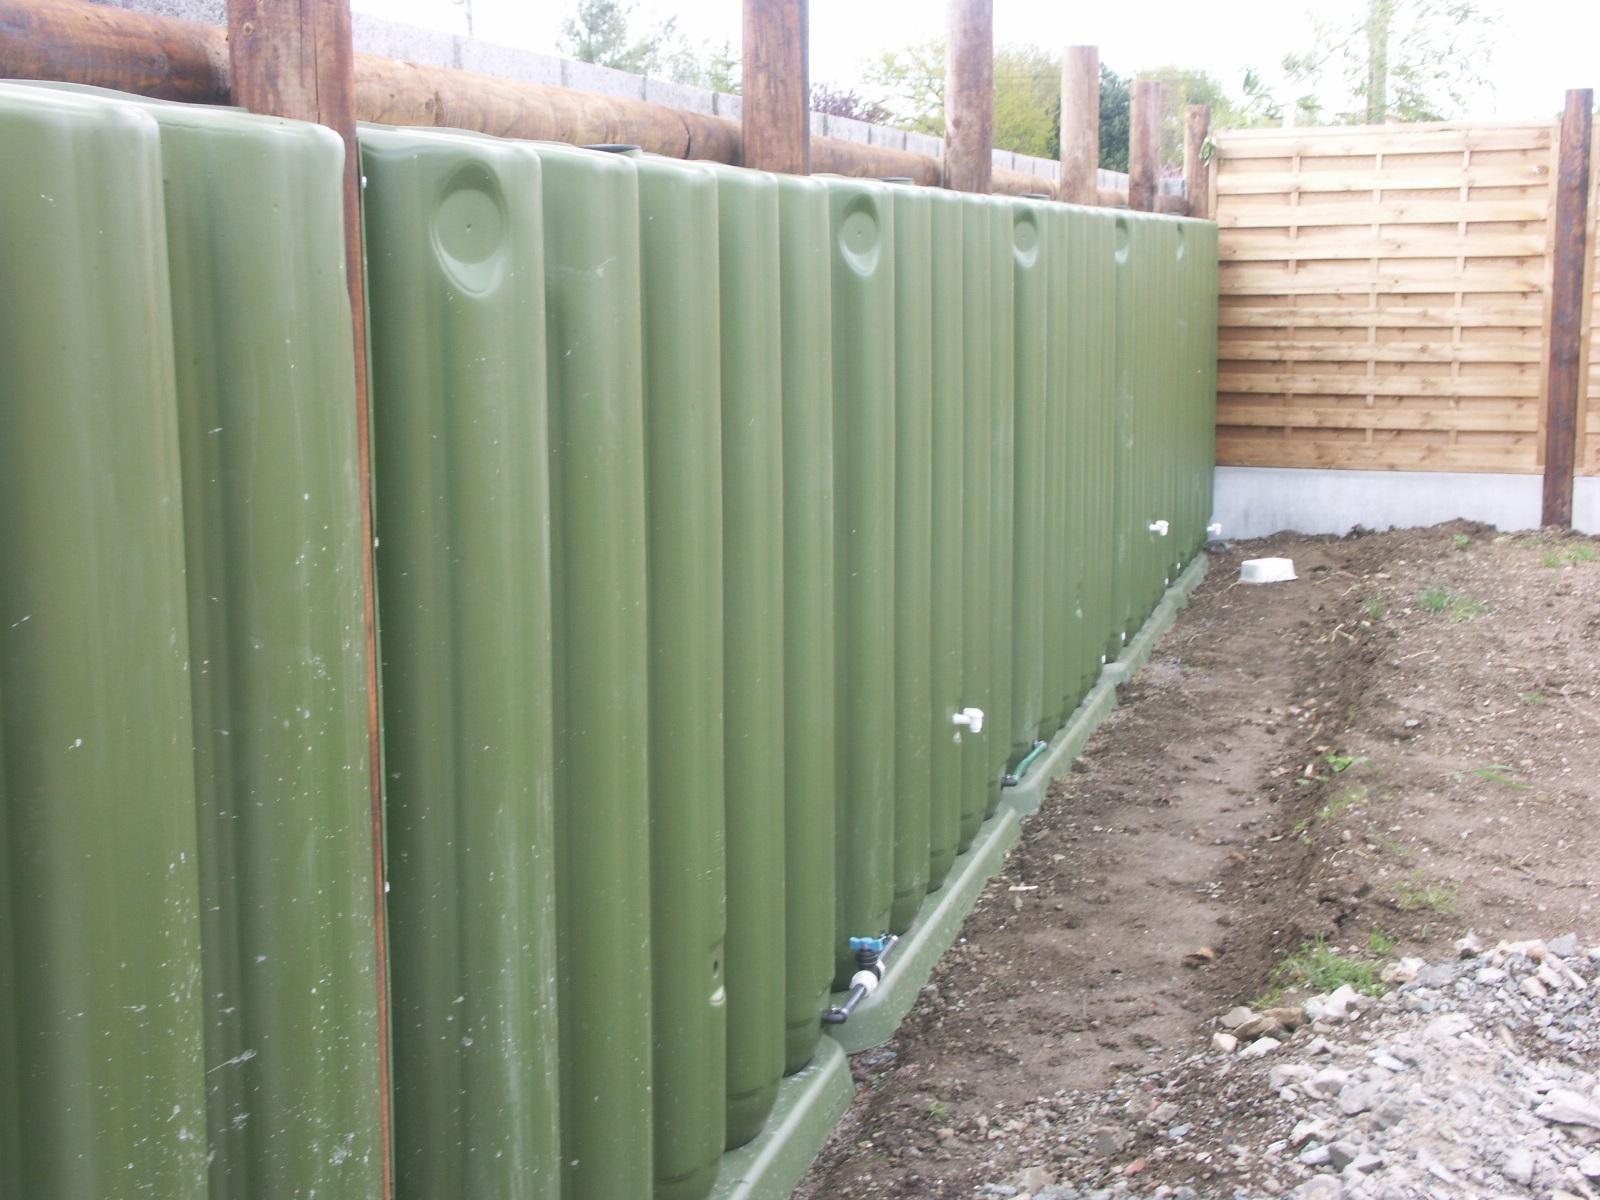 Cuve de récupération d'eau de pluie en clôture.